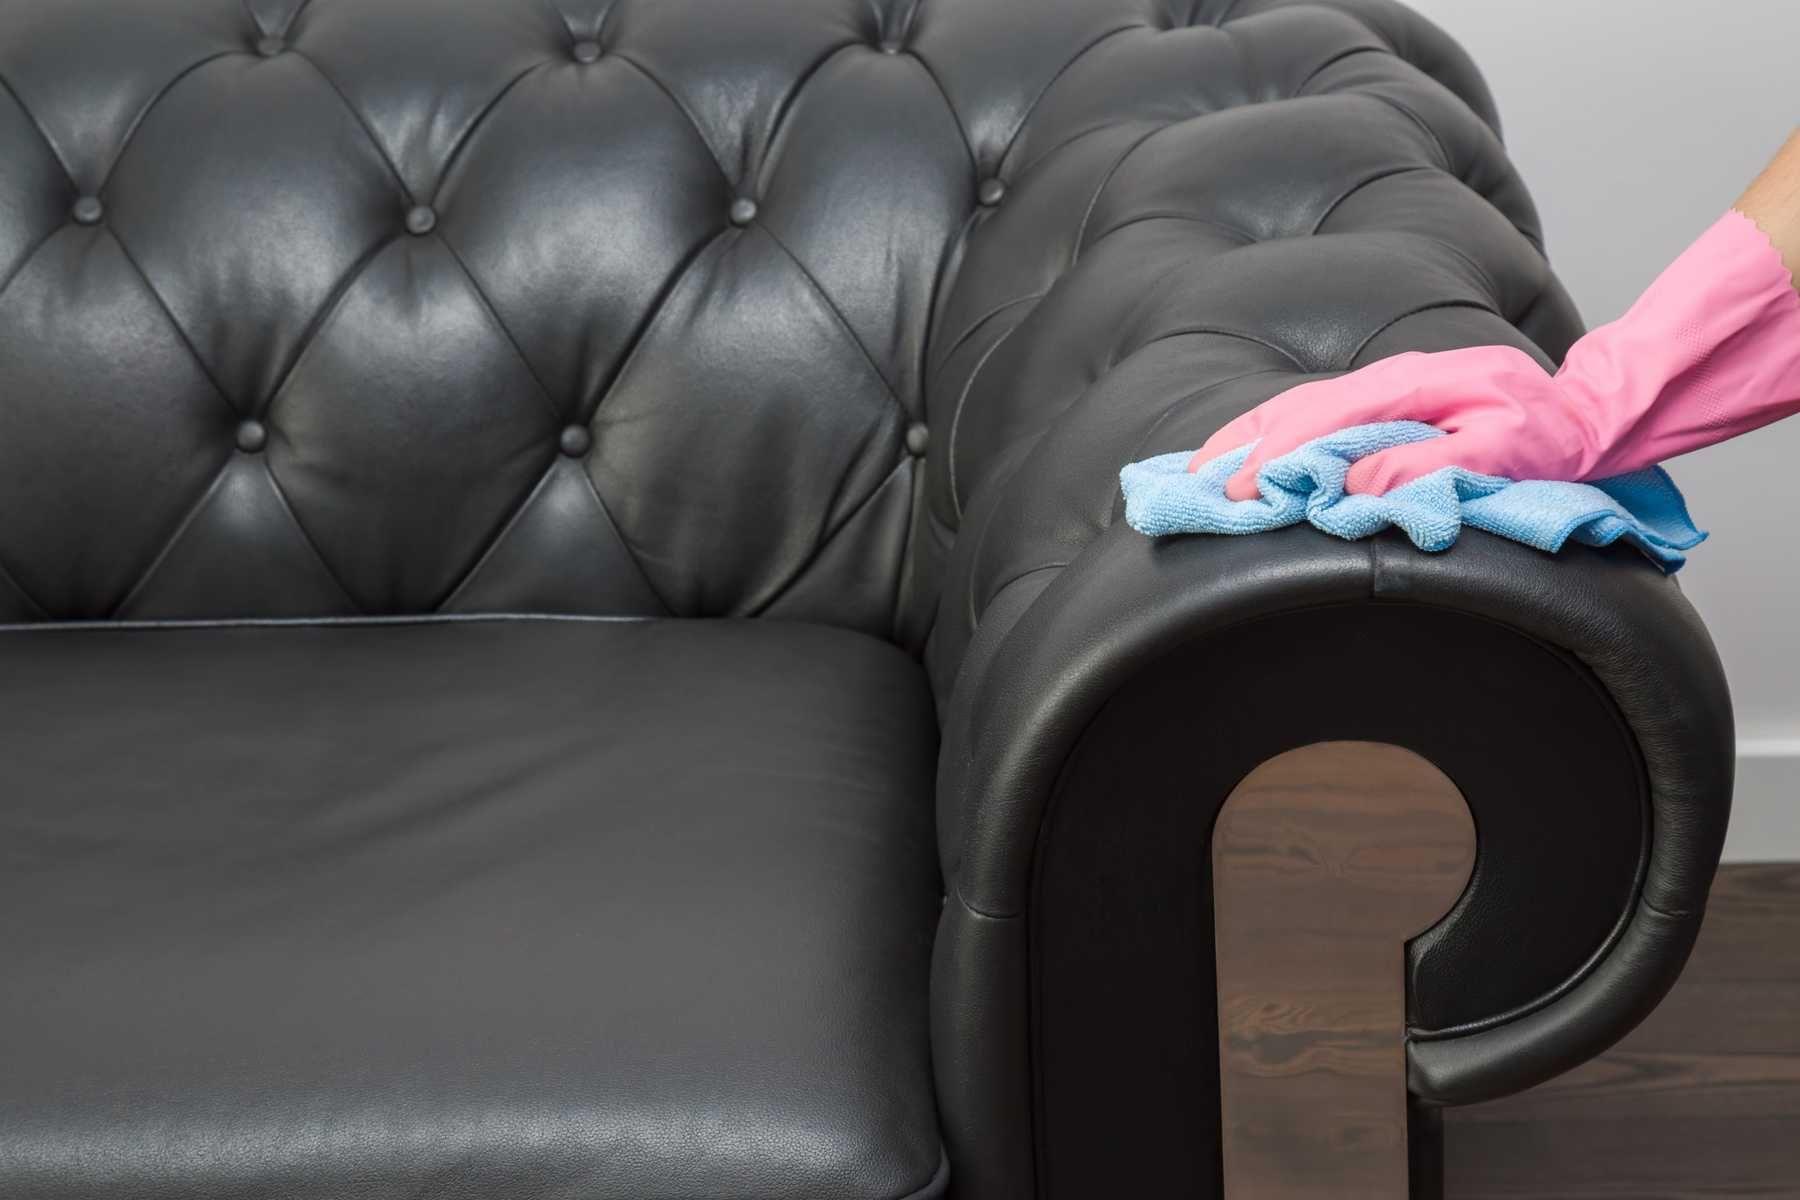 Cách Giặt ghế sofa tại nhà nhanh khô sạch như mới (vải, nỉ, da)